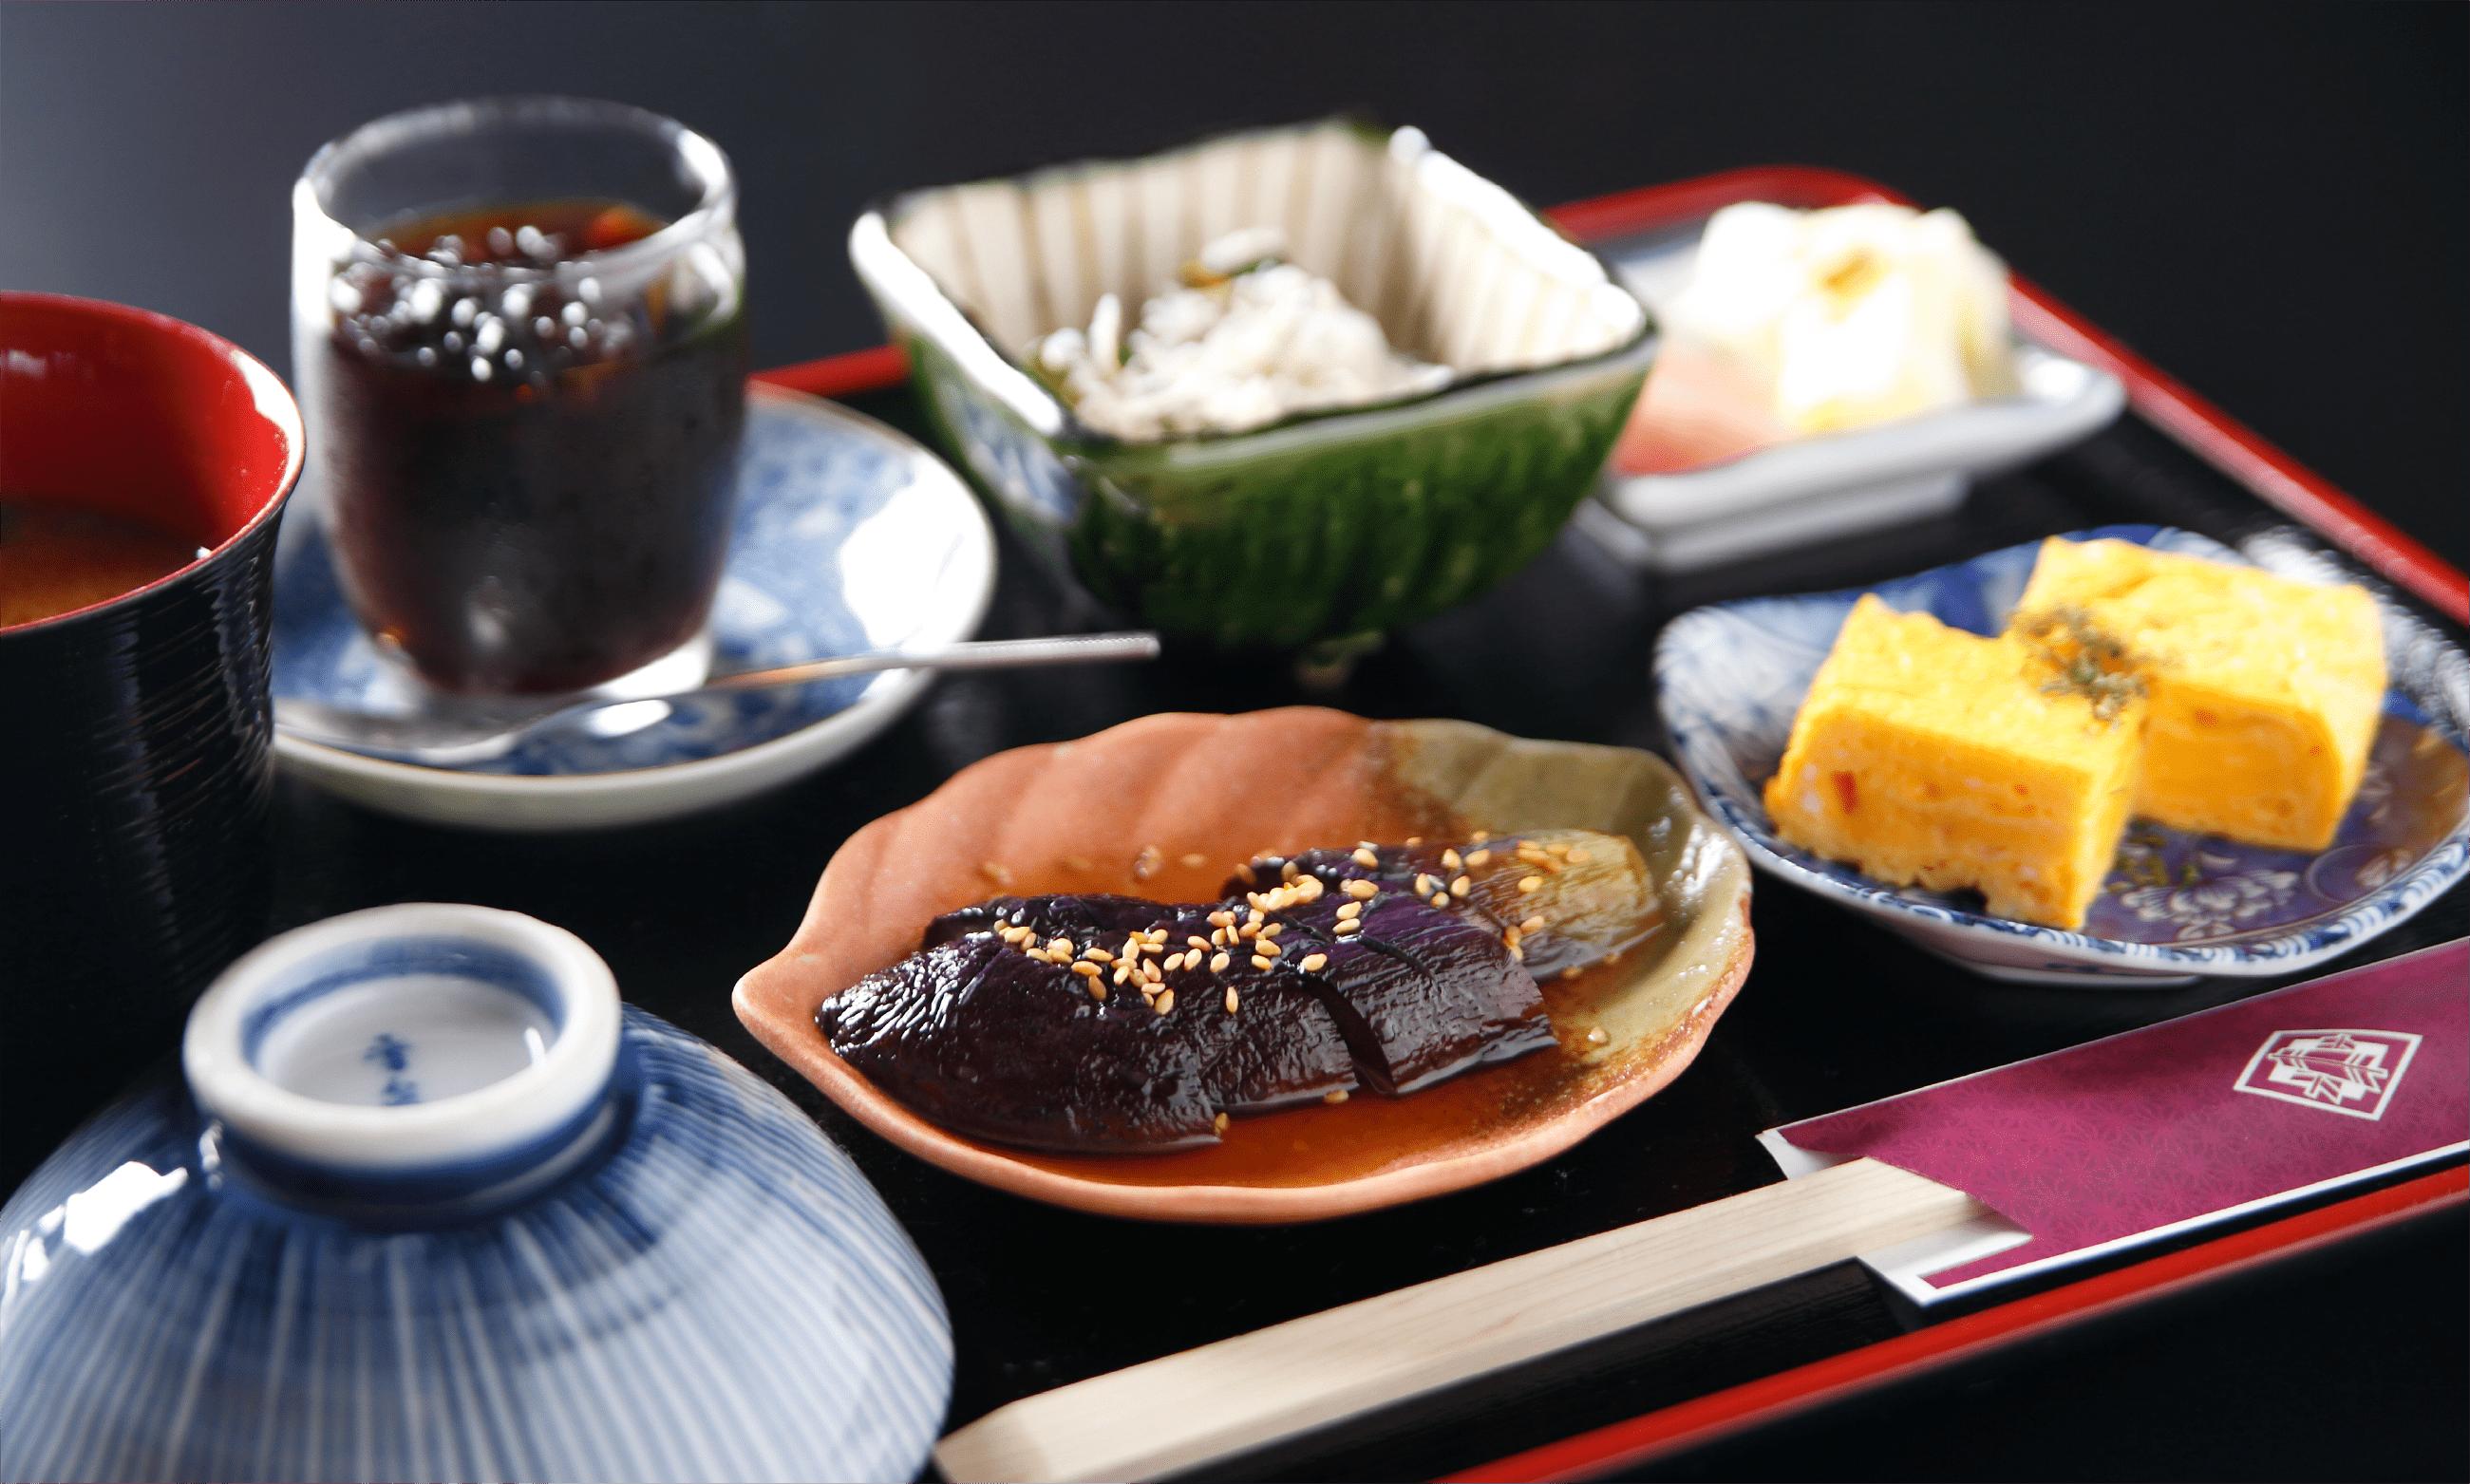 釜めしセット お好きな釜めし/季節の小鉢三品/味噌汁/香の物/デザート(珈琲に変更可)